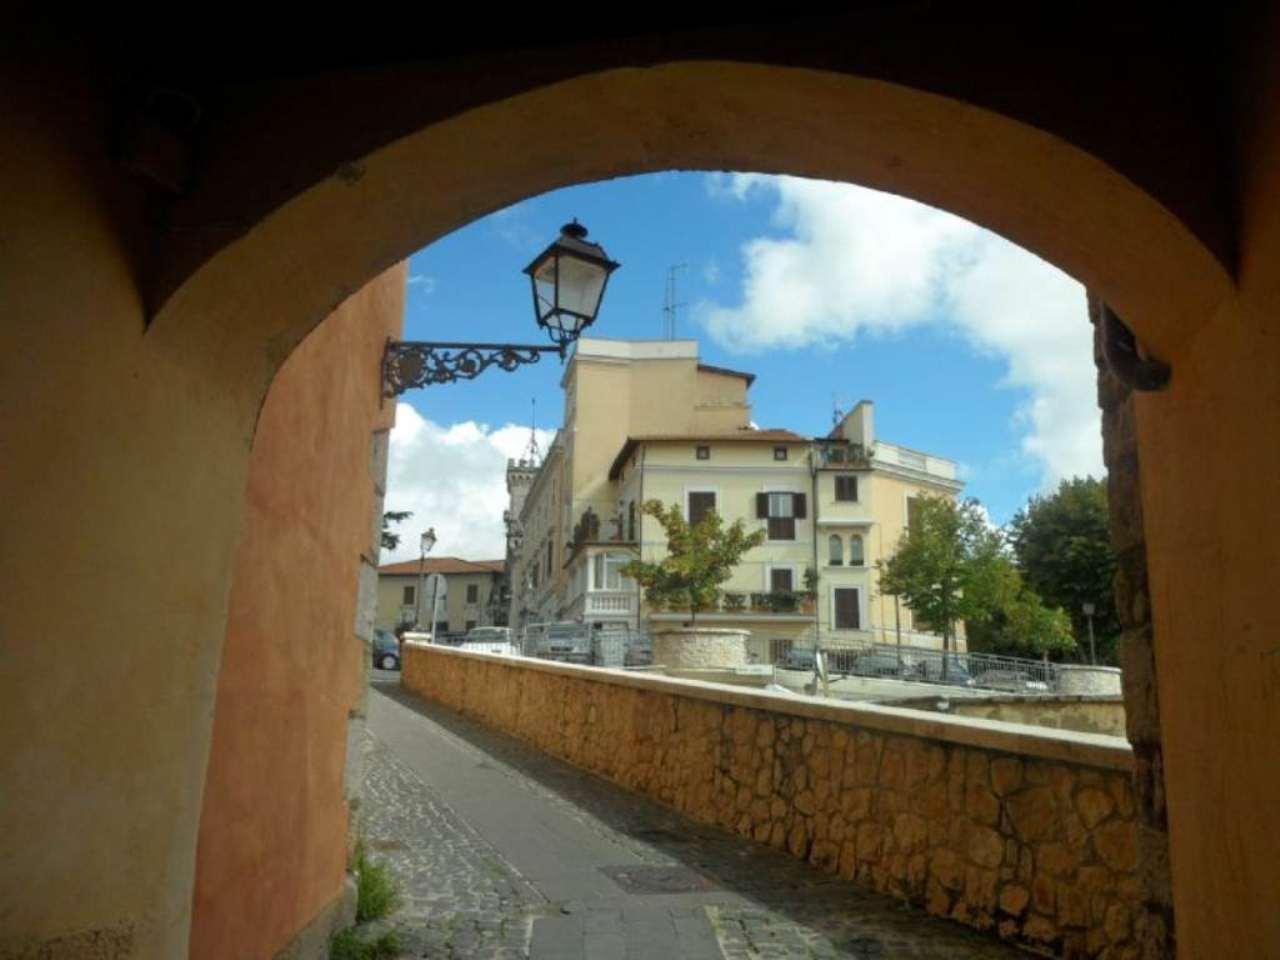 Appartamento in vendita a Fiuggi, 2 locali, prezzo € 39.000 | CambioCasa.it